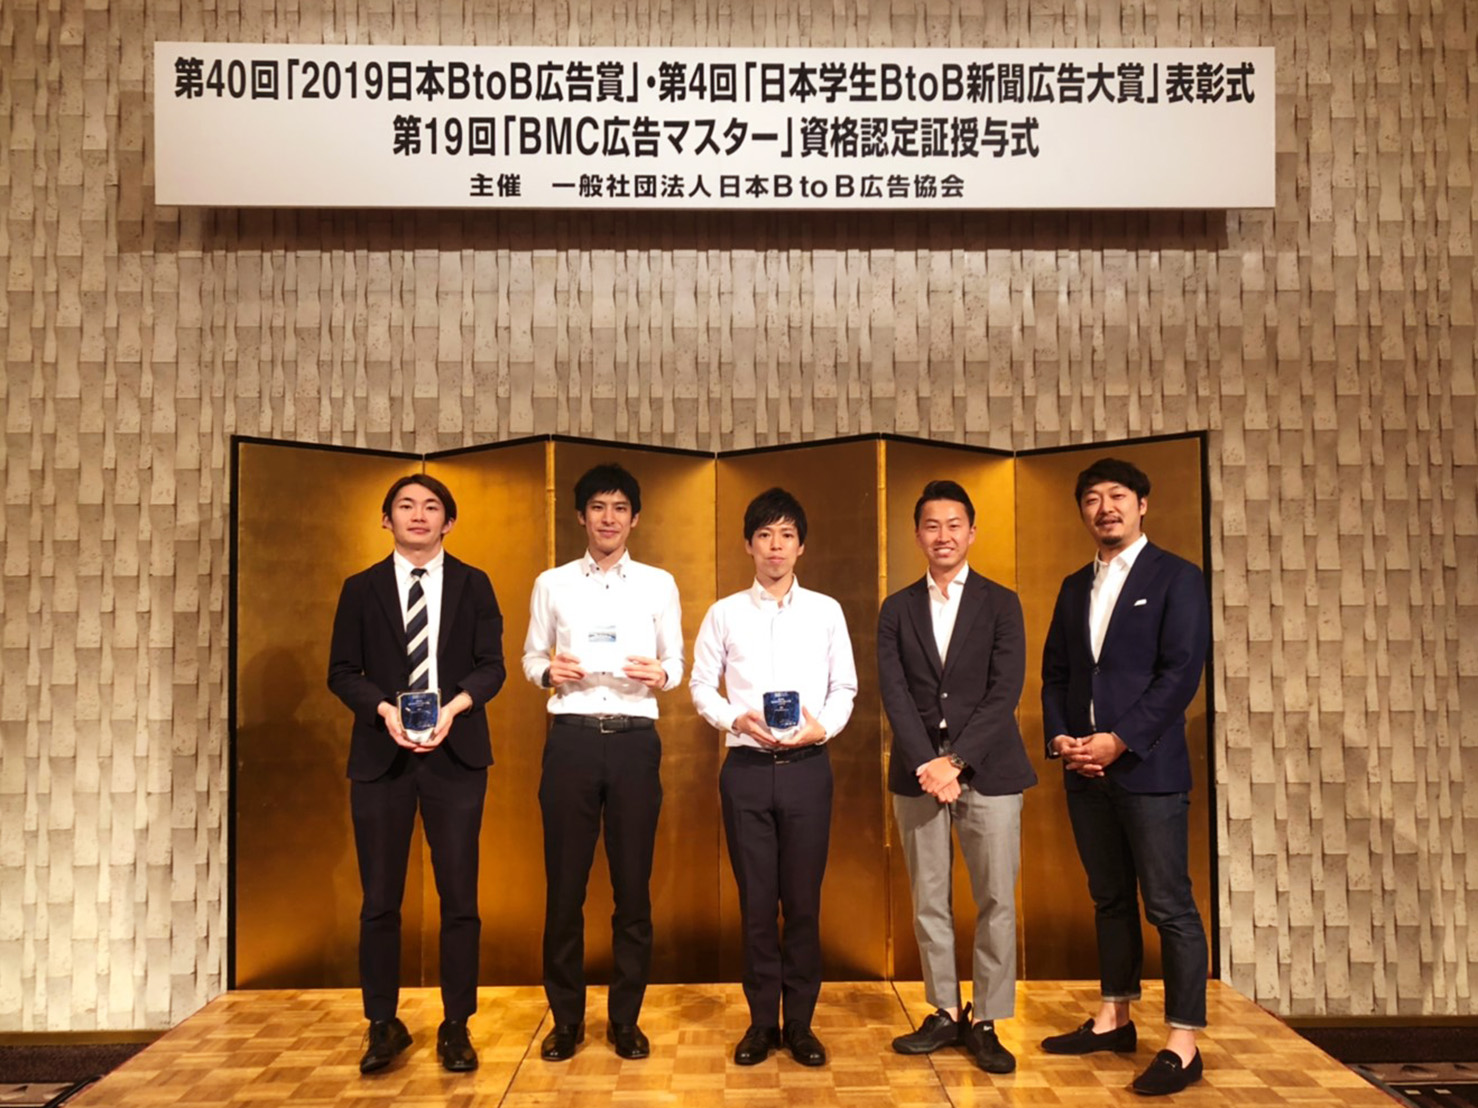 ▲小田急電鉄株式会社様(左から2番目・3番目のお二人)とパラドックスのメンバー